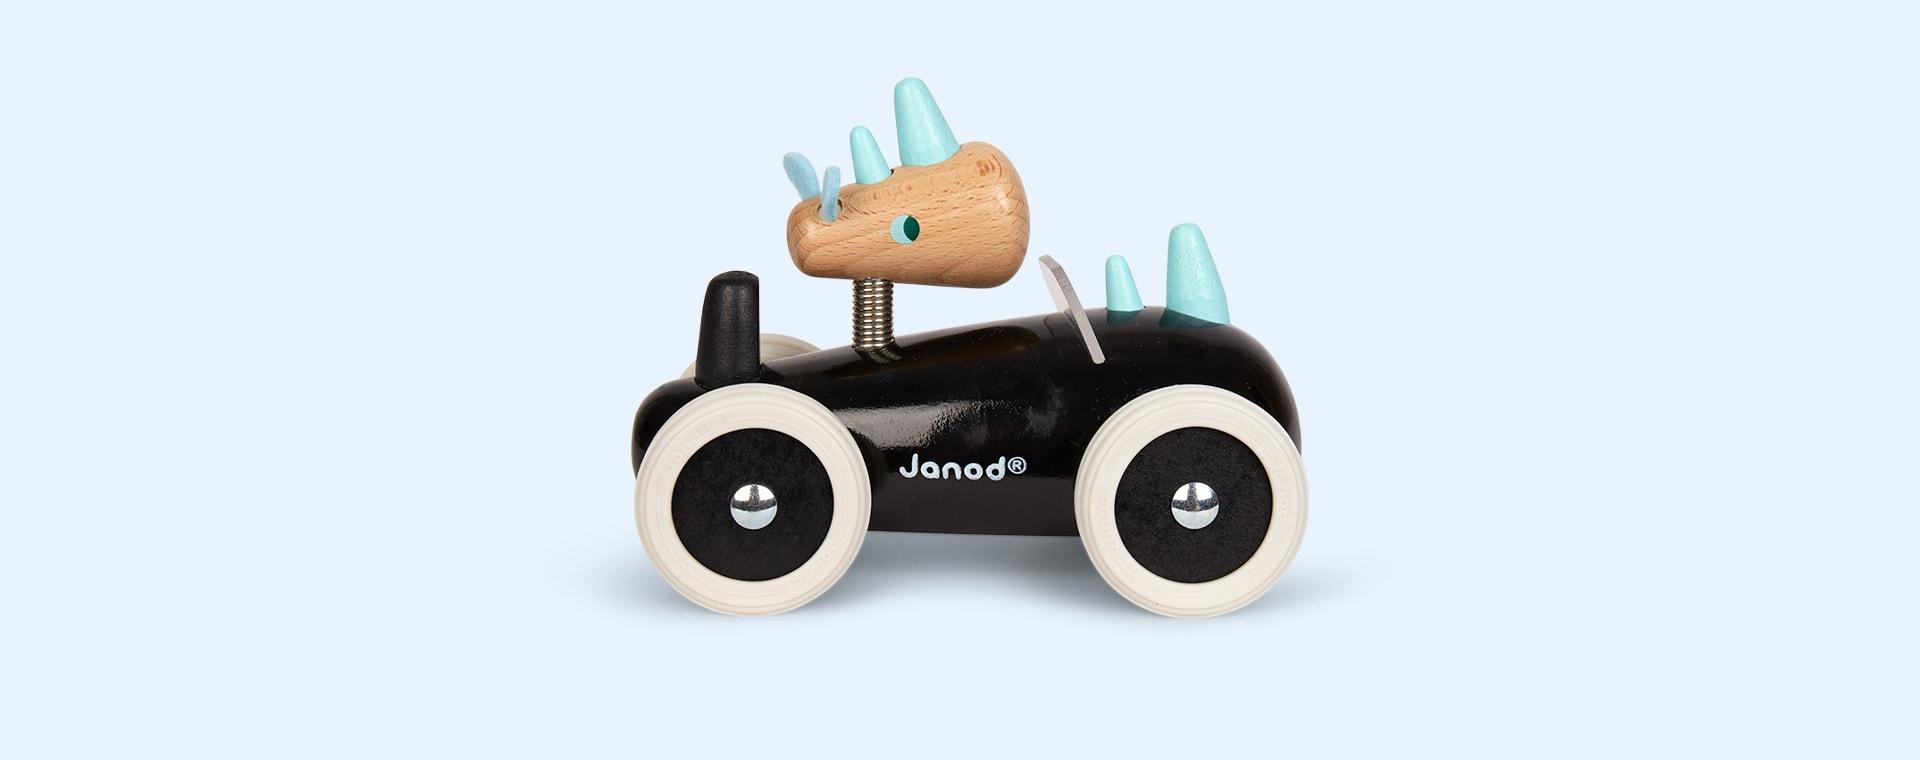 Rony Janod Spirit Vehicle